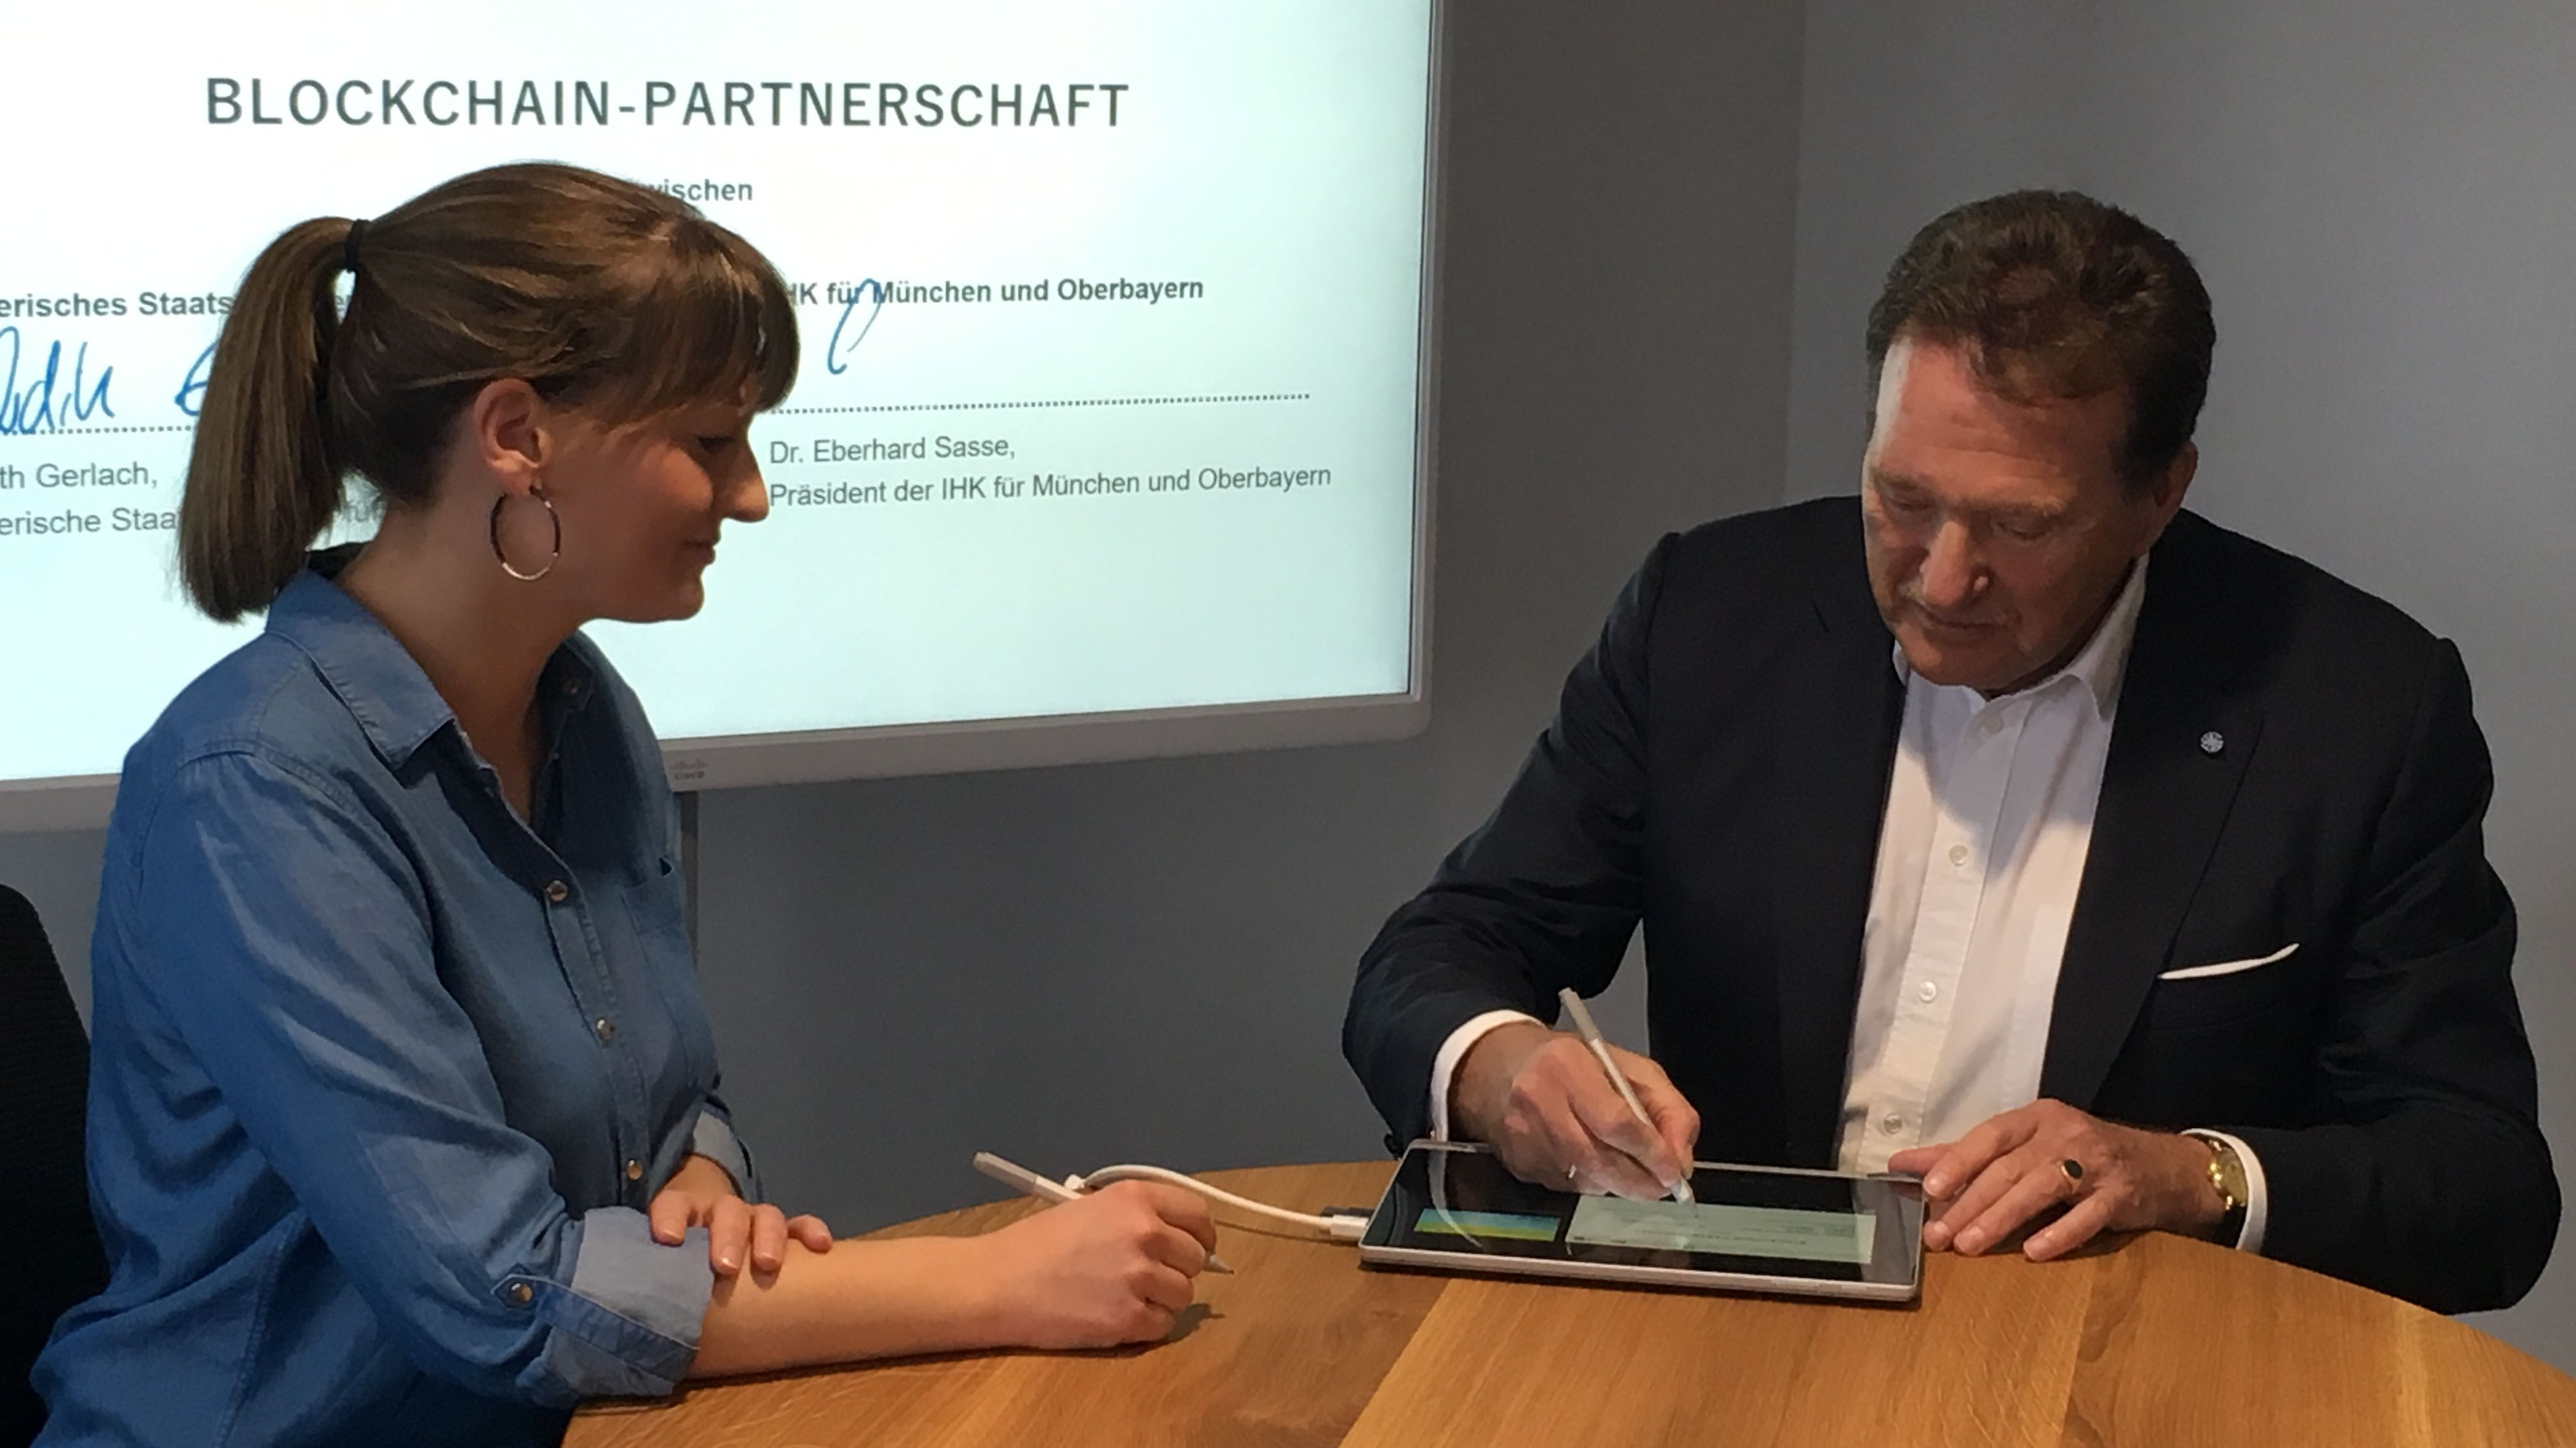 Digitalministerin Judith Gerlach und Eberhardt Sasse, Präsident der IHK München und Oberbayern starten die gemeinsame Blockchain-Initiative